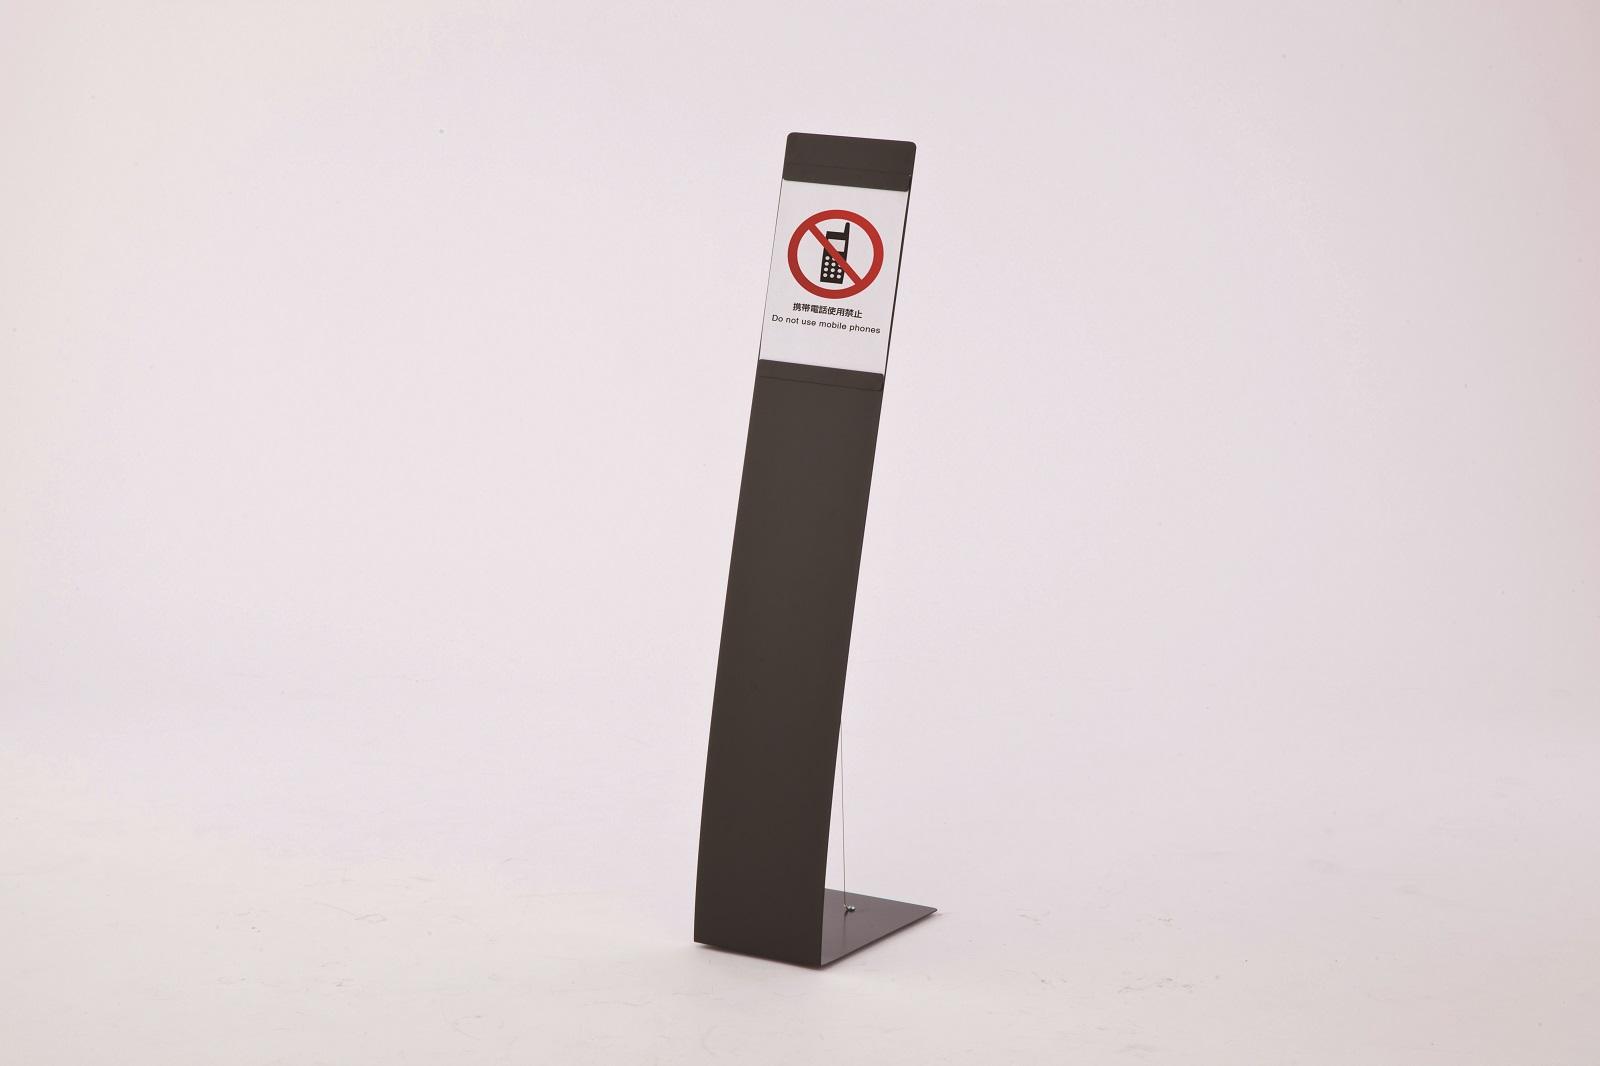 【A4サイズ】L型インフォメーションボード【ブラック】※在庫切れの場合は納期をお知らせ致します。